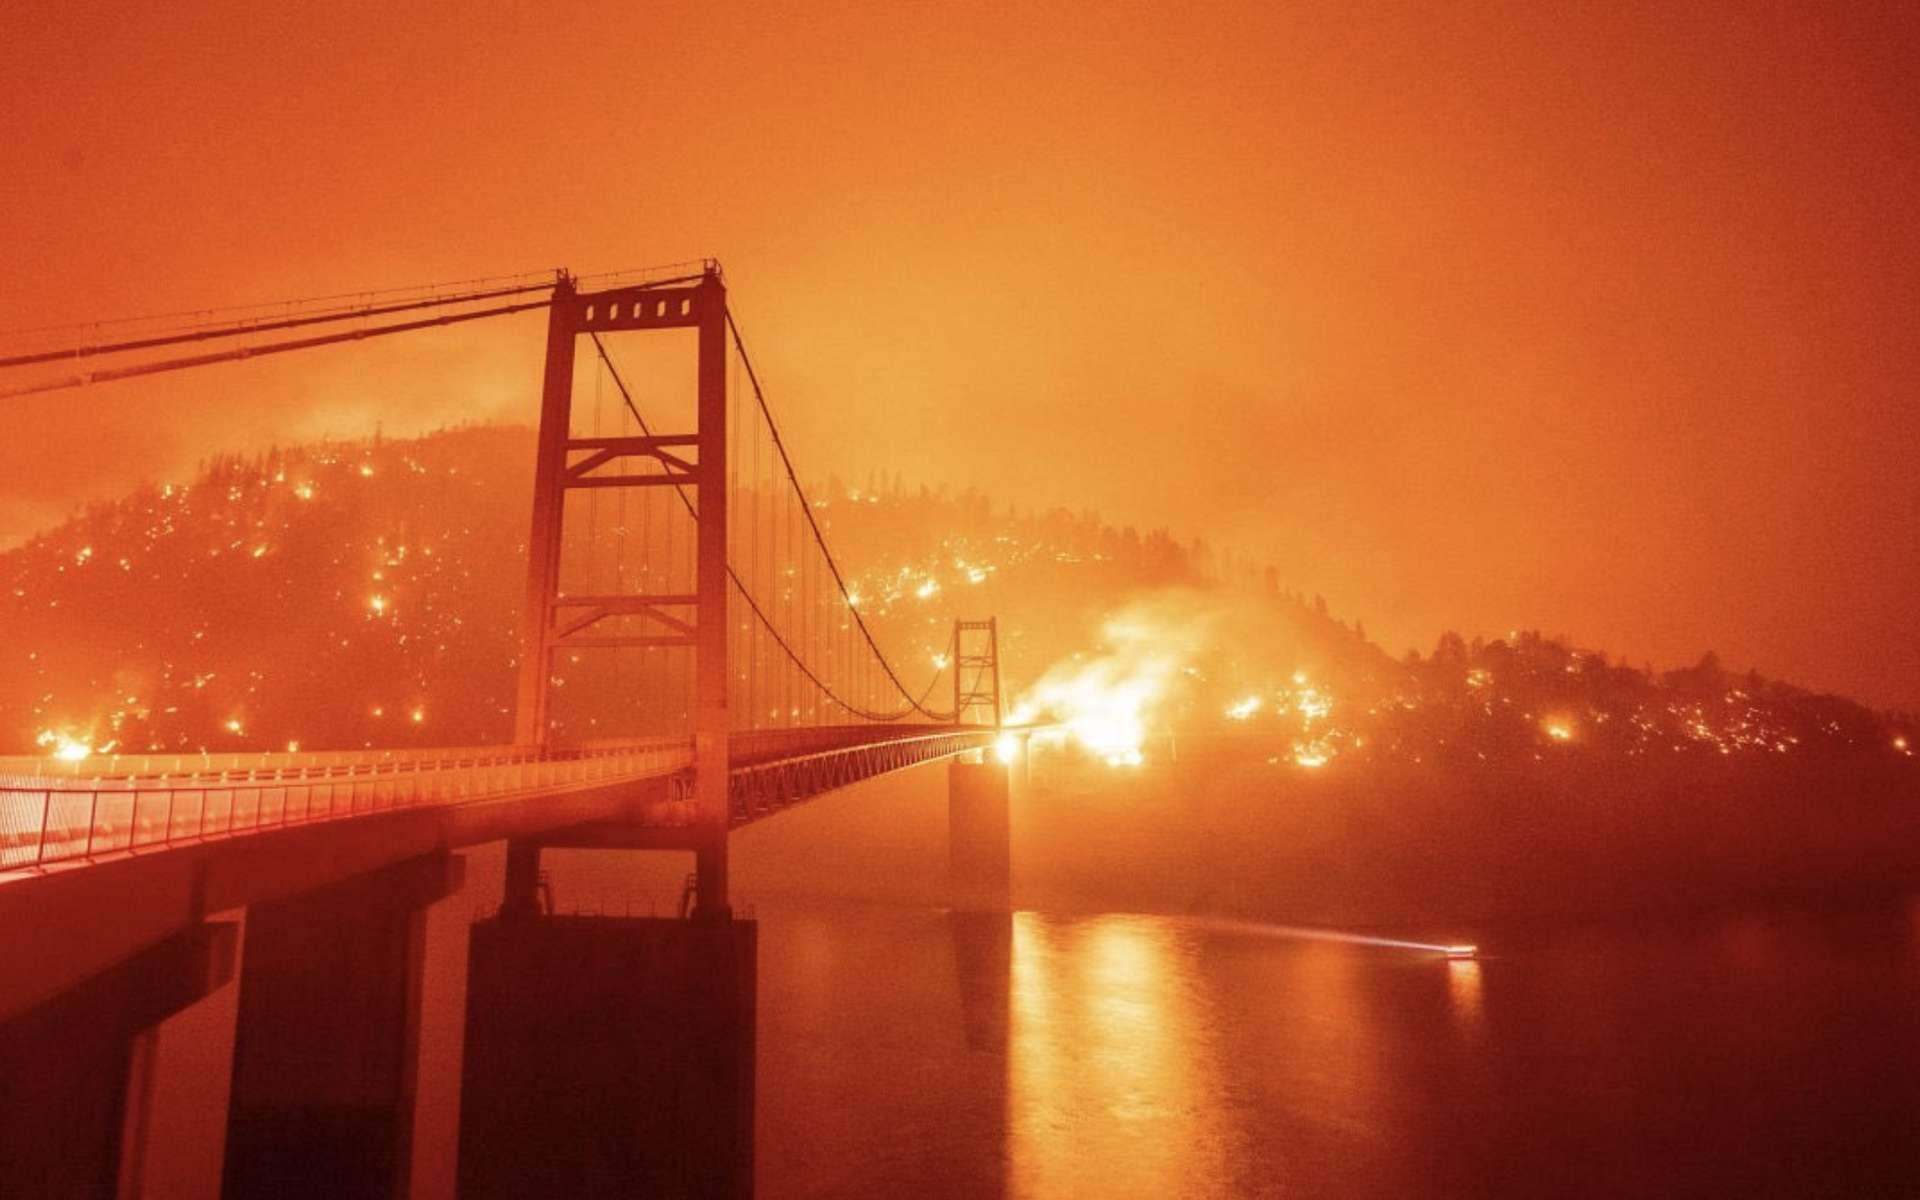 L'ouest des États-Unis est en proie à des feux de forêt qui semblent, ce jeudi 10 septembre 2020, hors de contrôle. © Tommy Mustache, Twitter